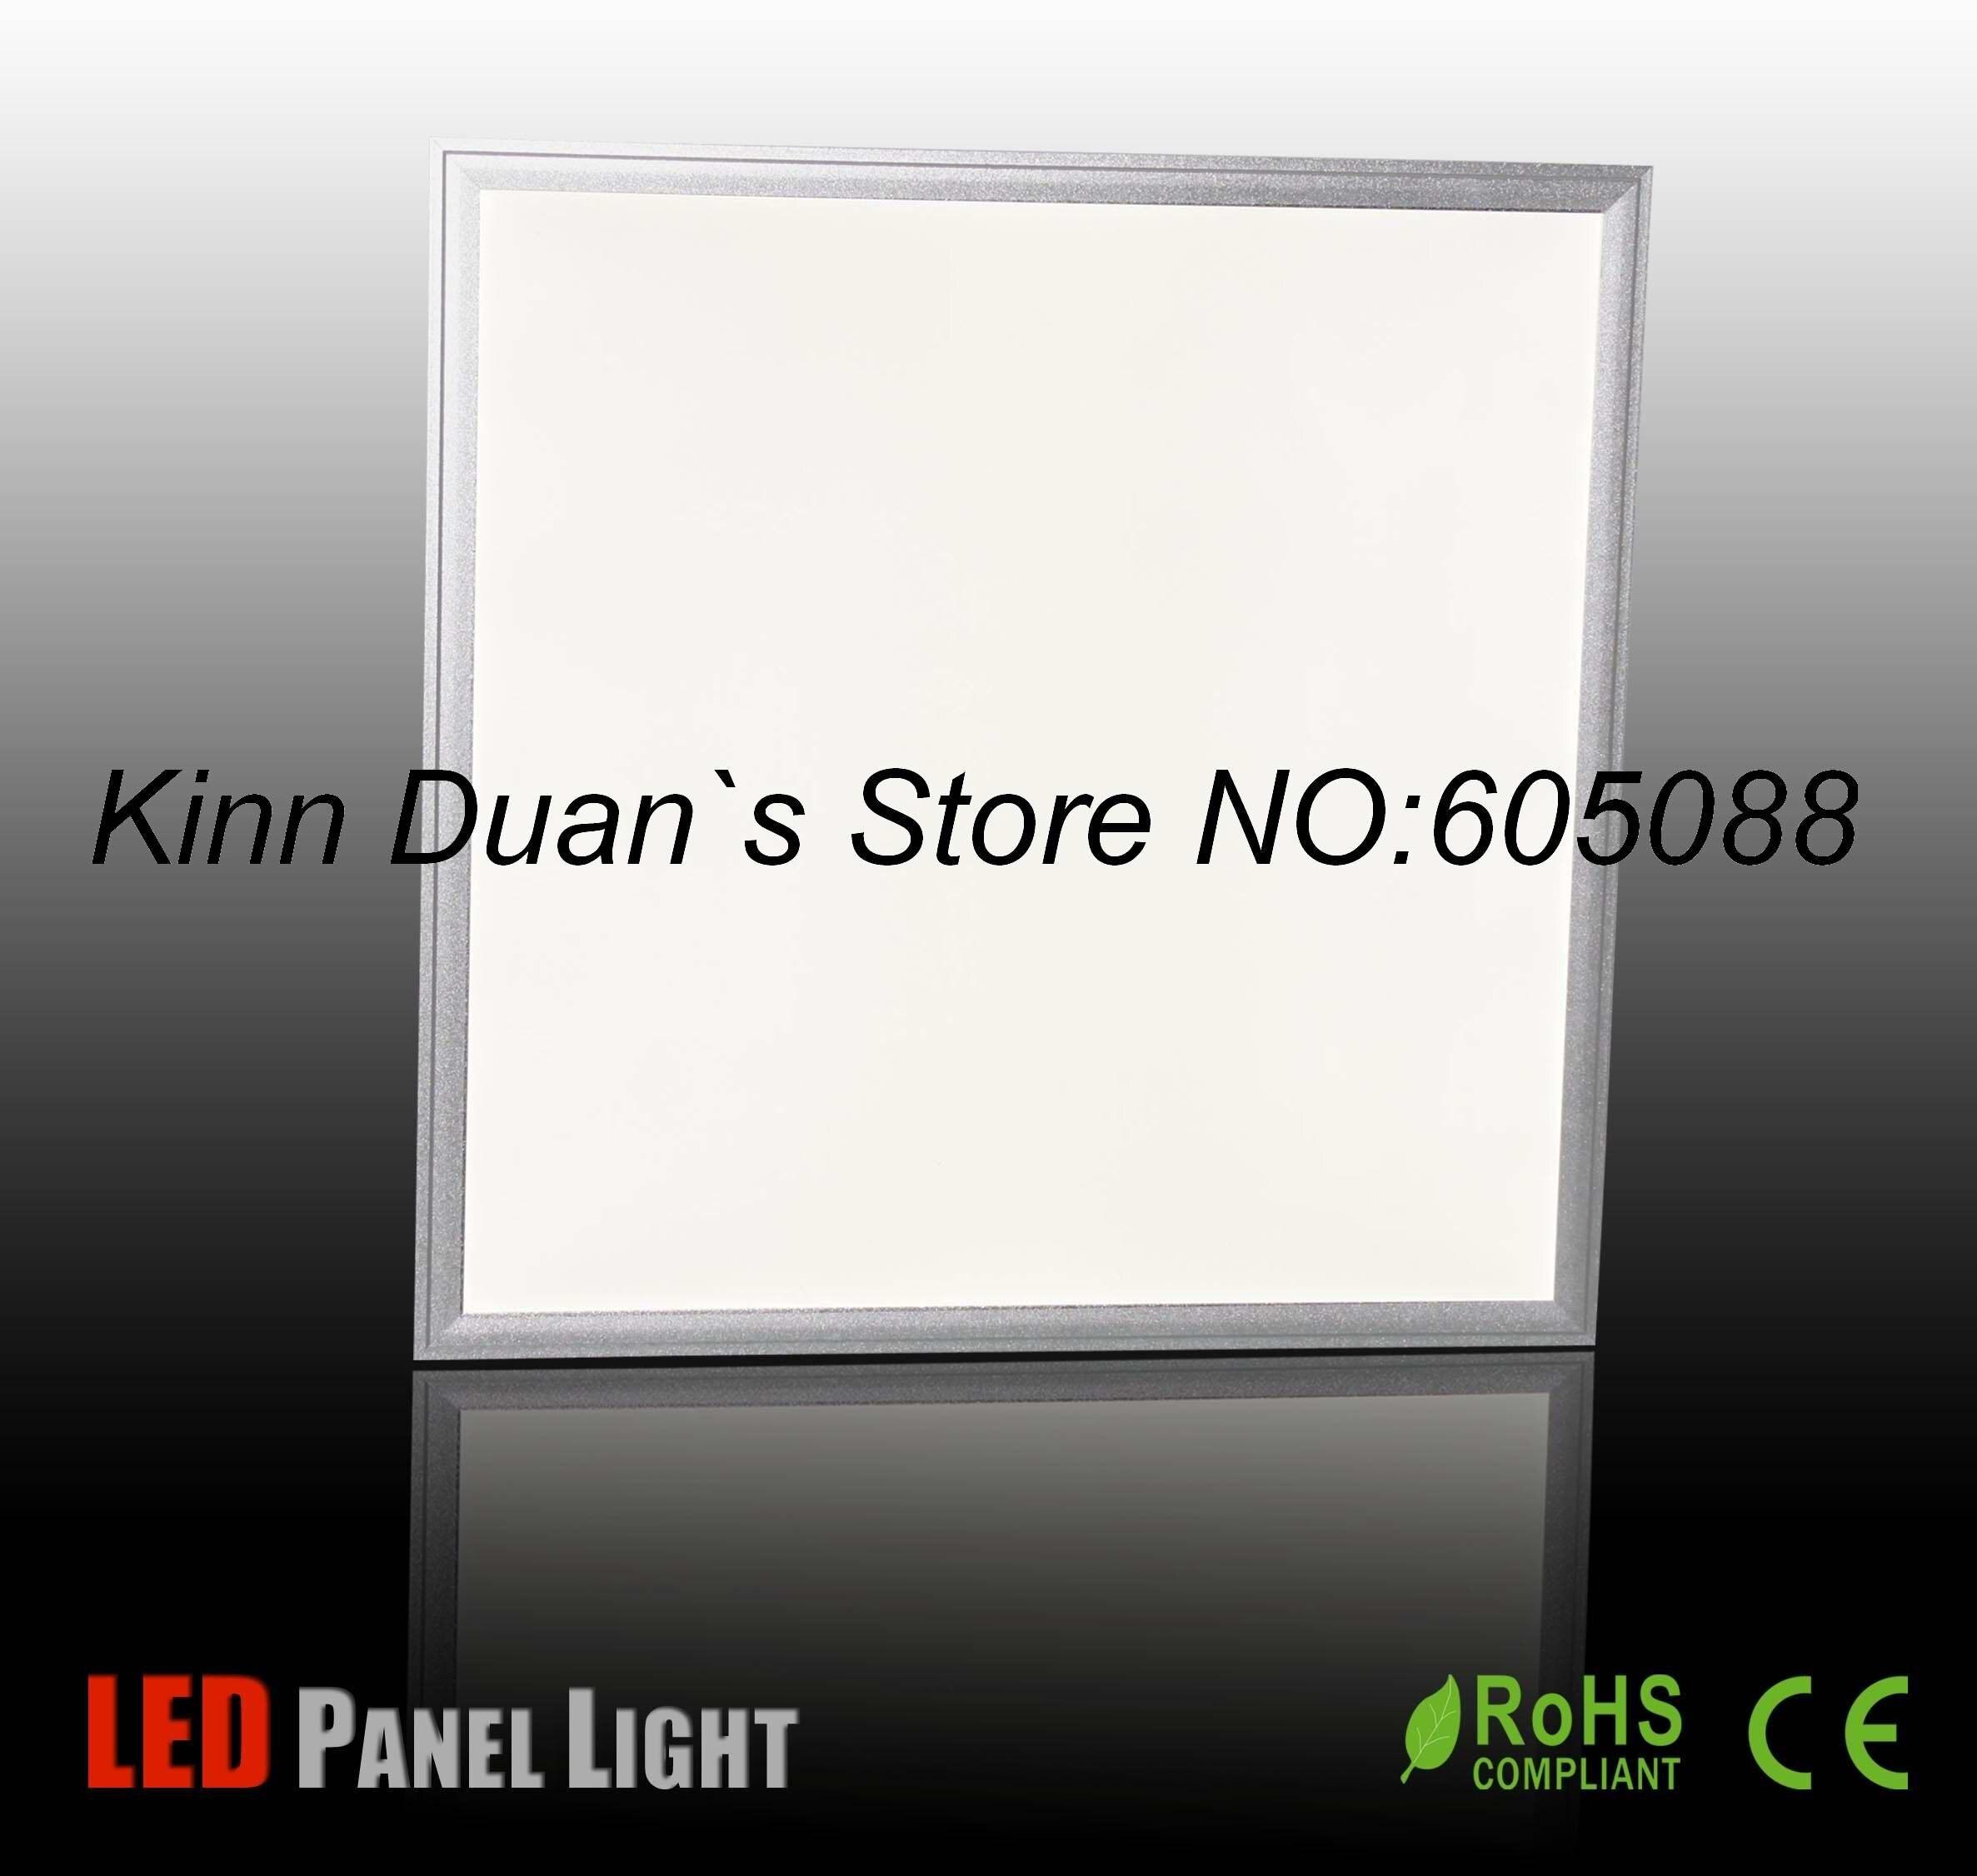 39 Вт потолочные встраиваемые коммерческие светодиодные лампы AC100 240v светодиодные панели освещения 600x600 мм 2500lm CE & ROHS 2 шт./лот опт и розница